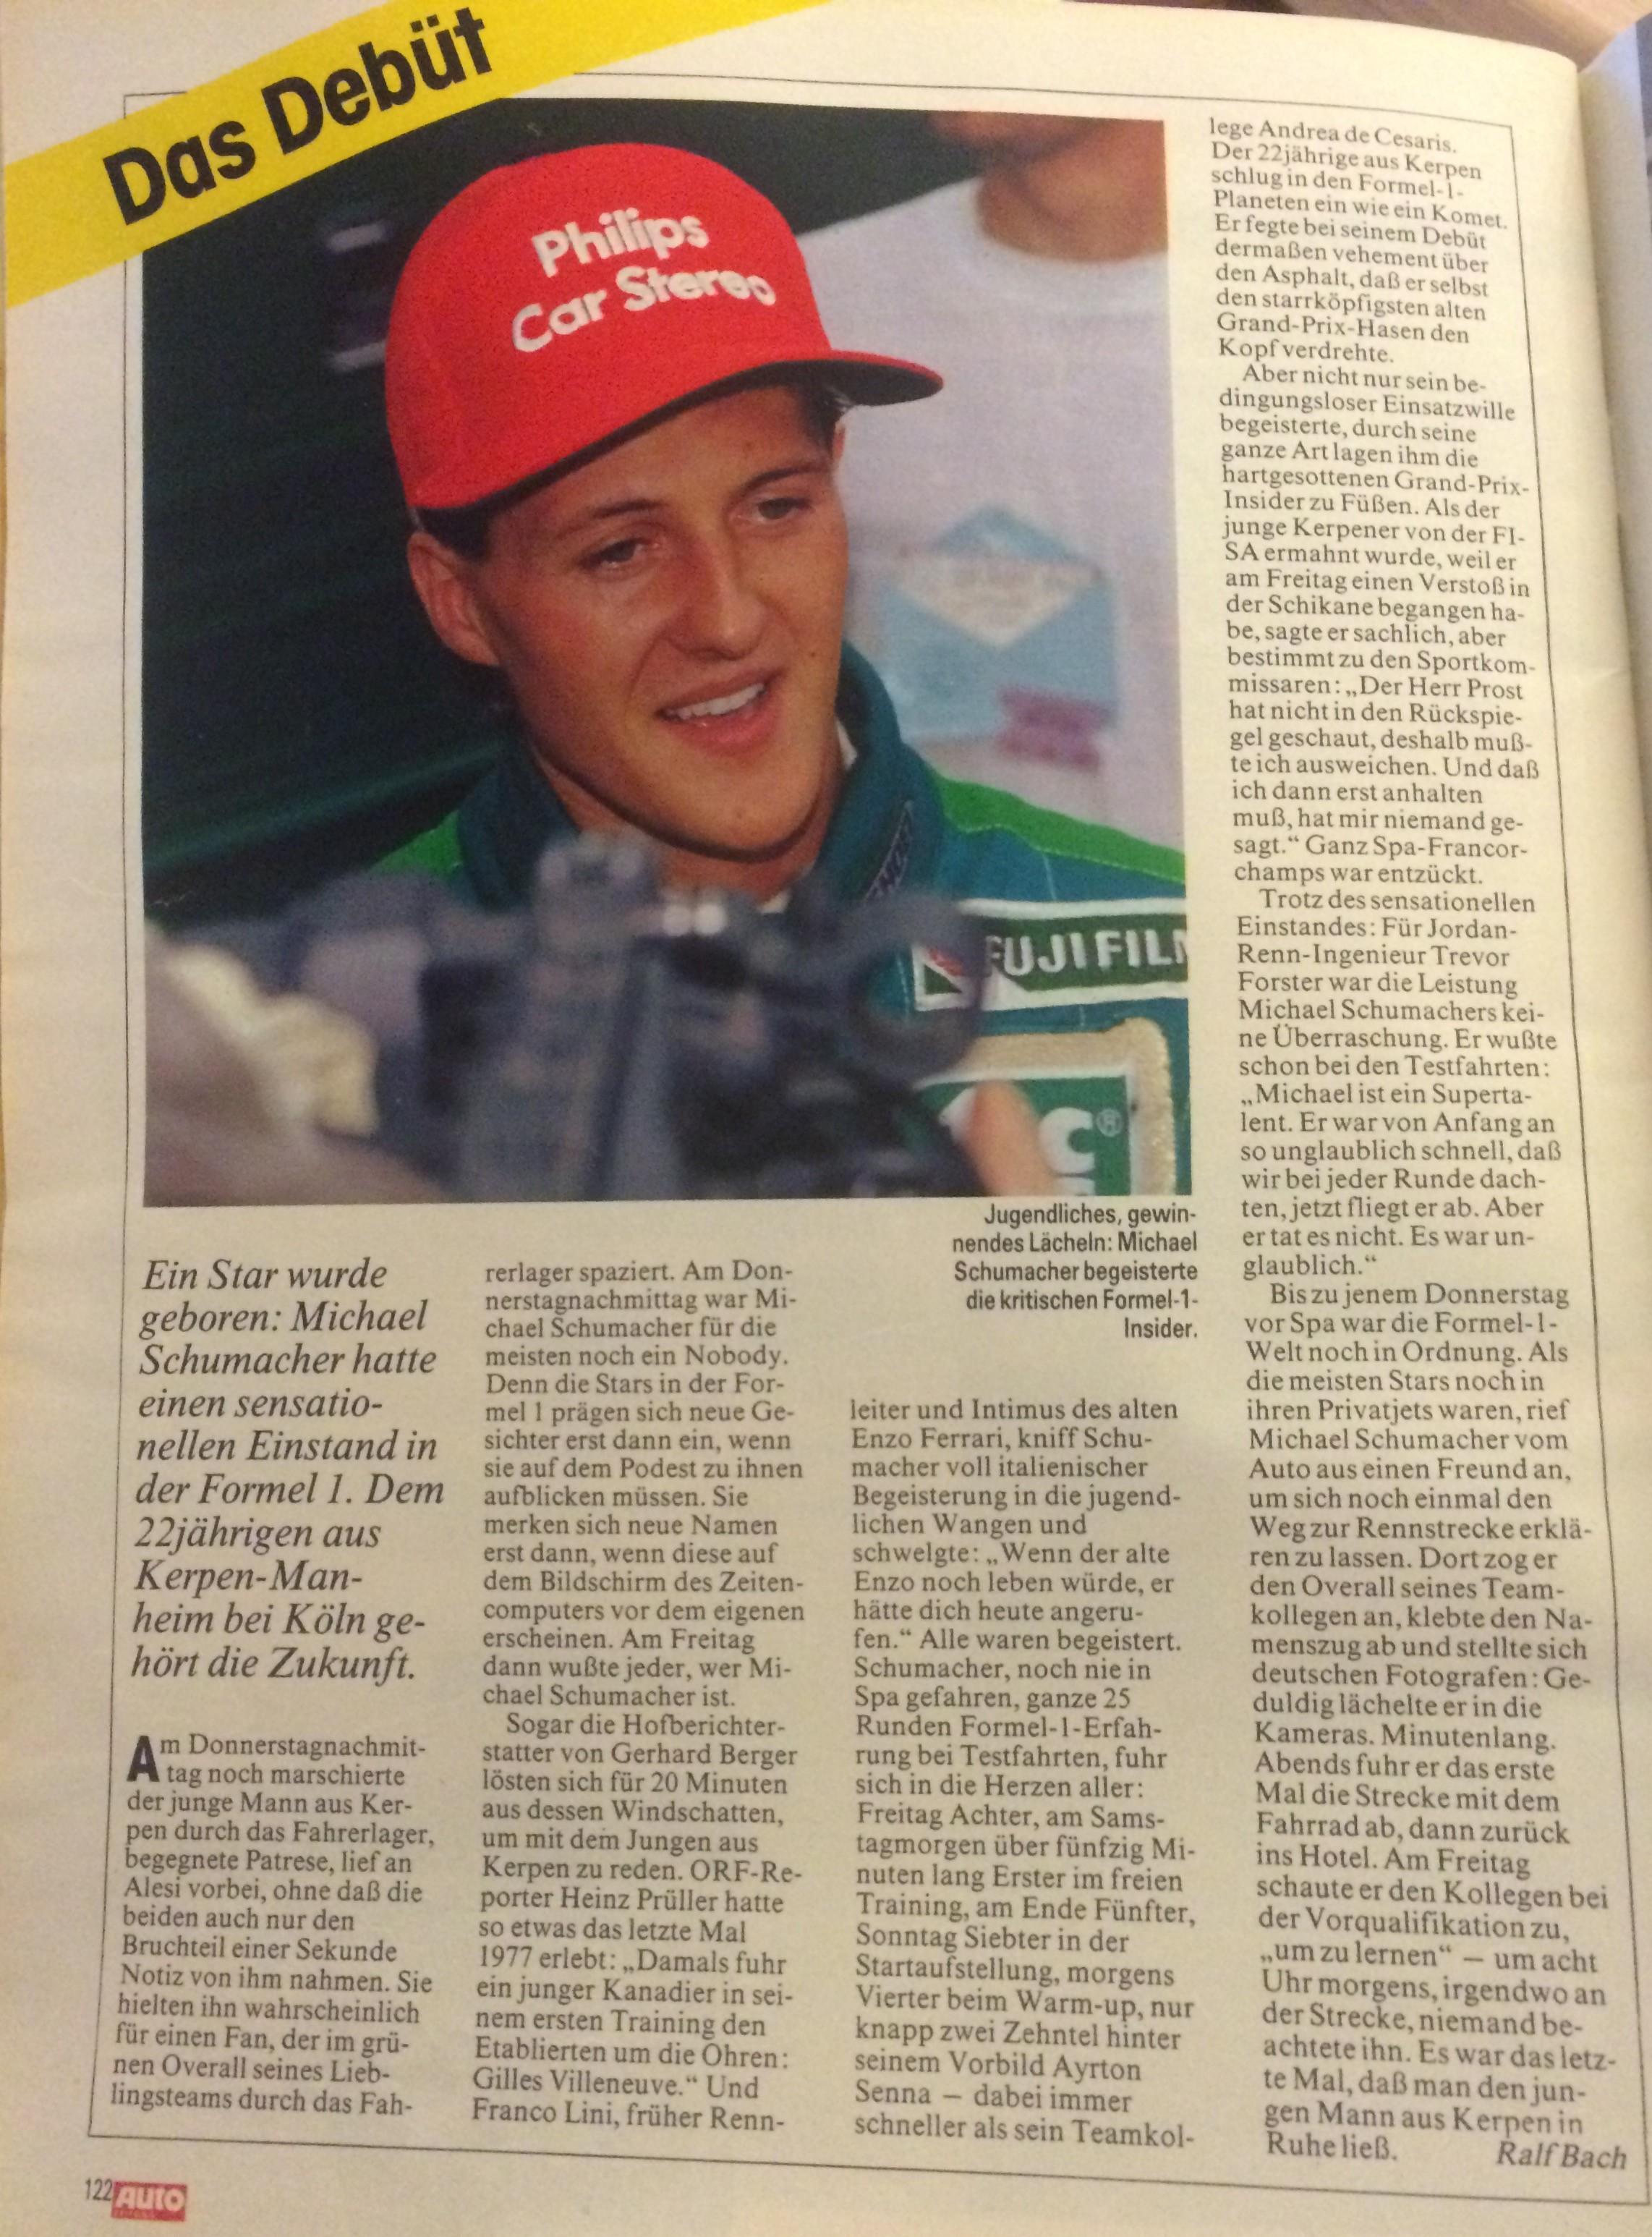 Artikel zu Schumachers Debüt